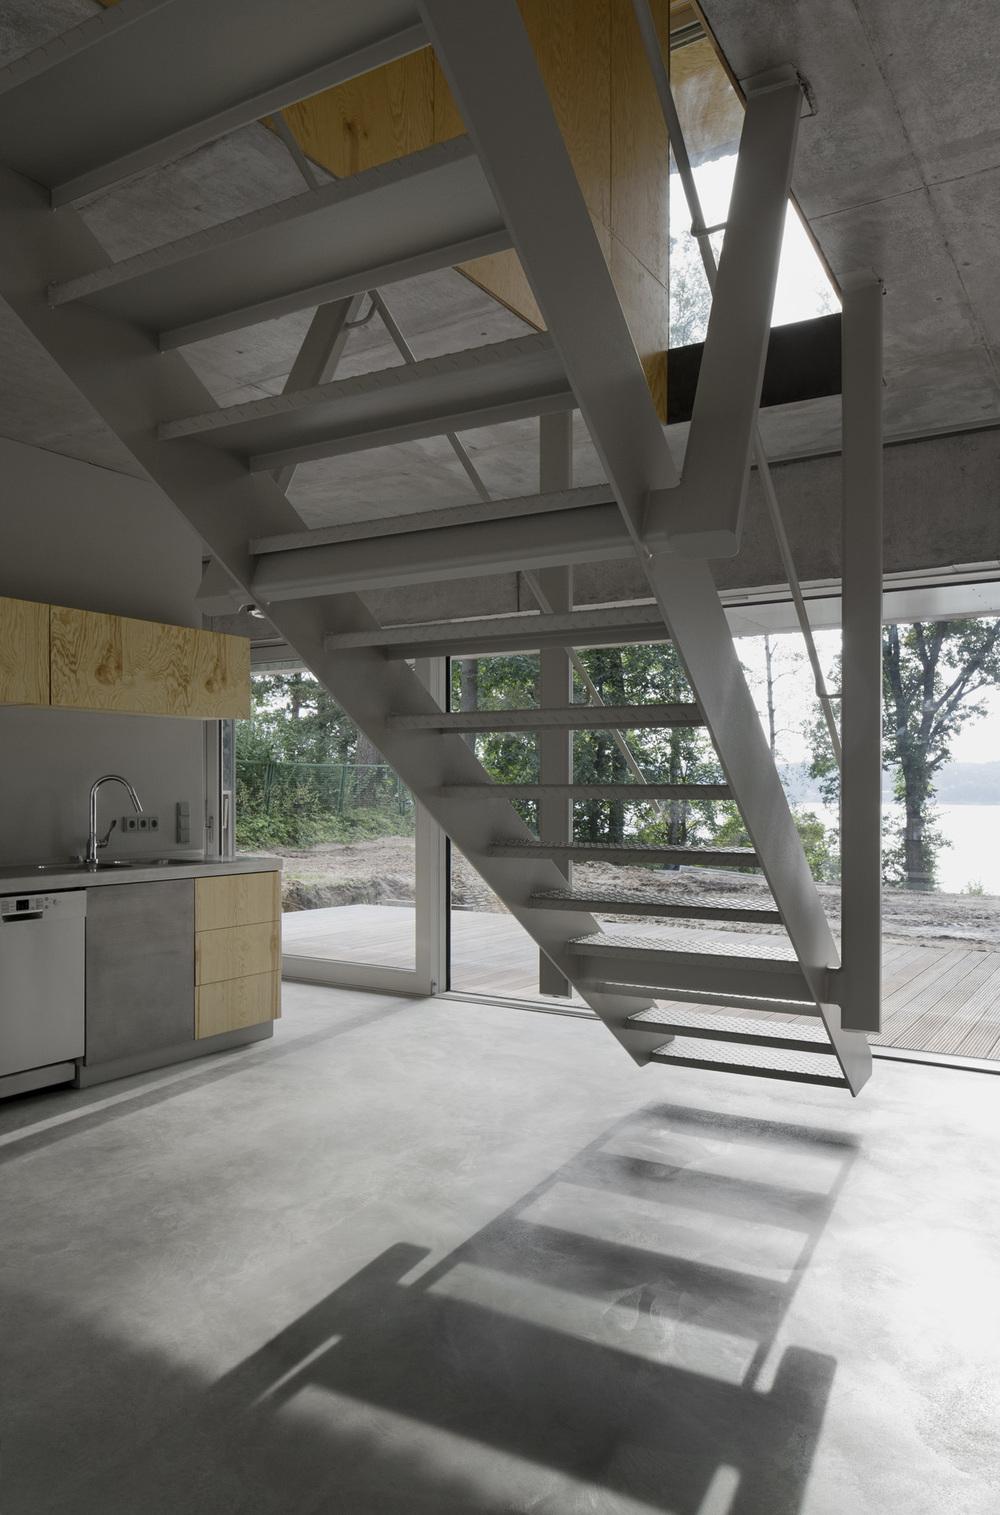 the-tree-mag_beach-house-by-augustin-und-frank-architekten-50.jpg